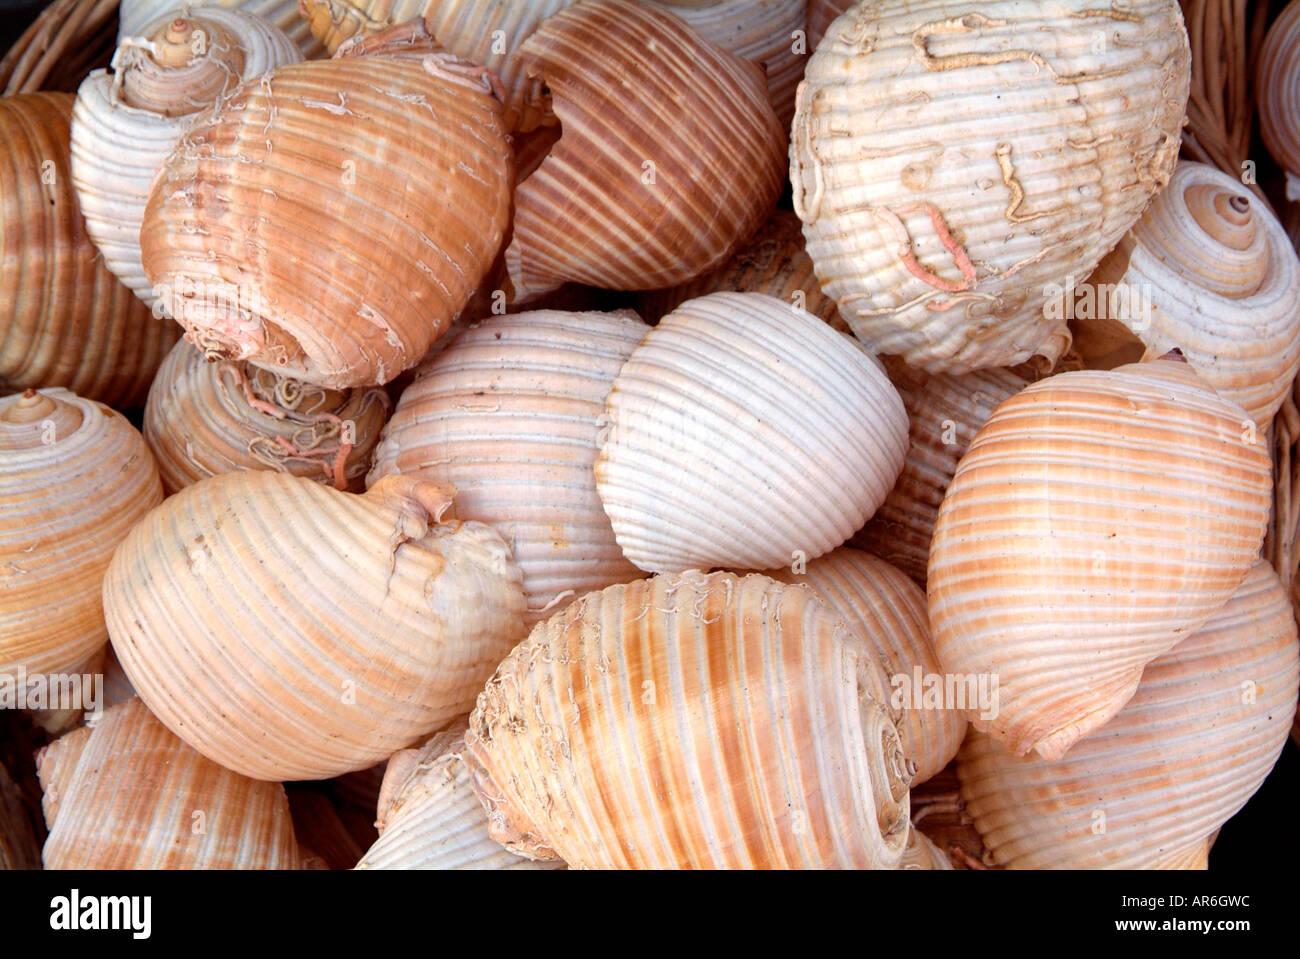 Guscio naturale di calcio a spirale hard sale marino acqua dive raccogliere settimana mercato settimanale shop bazaar scambi di mercato vendere al dettaglio Foto Stock